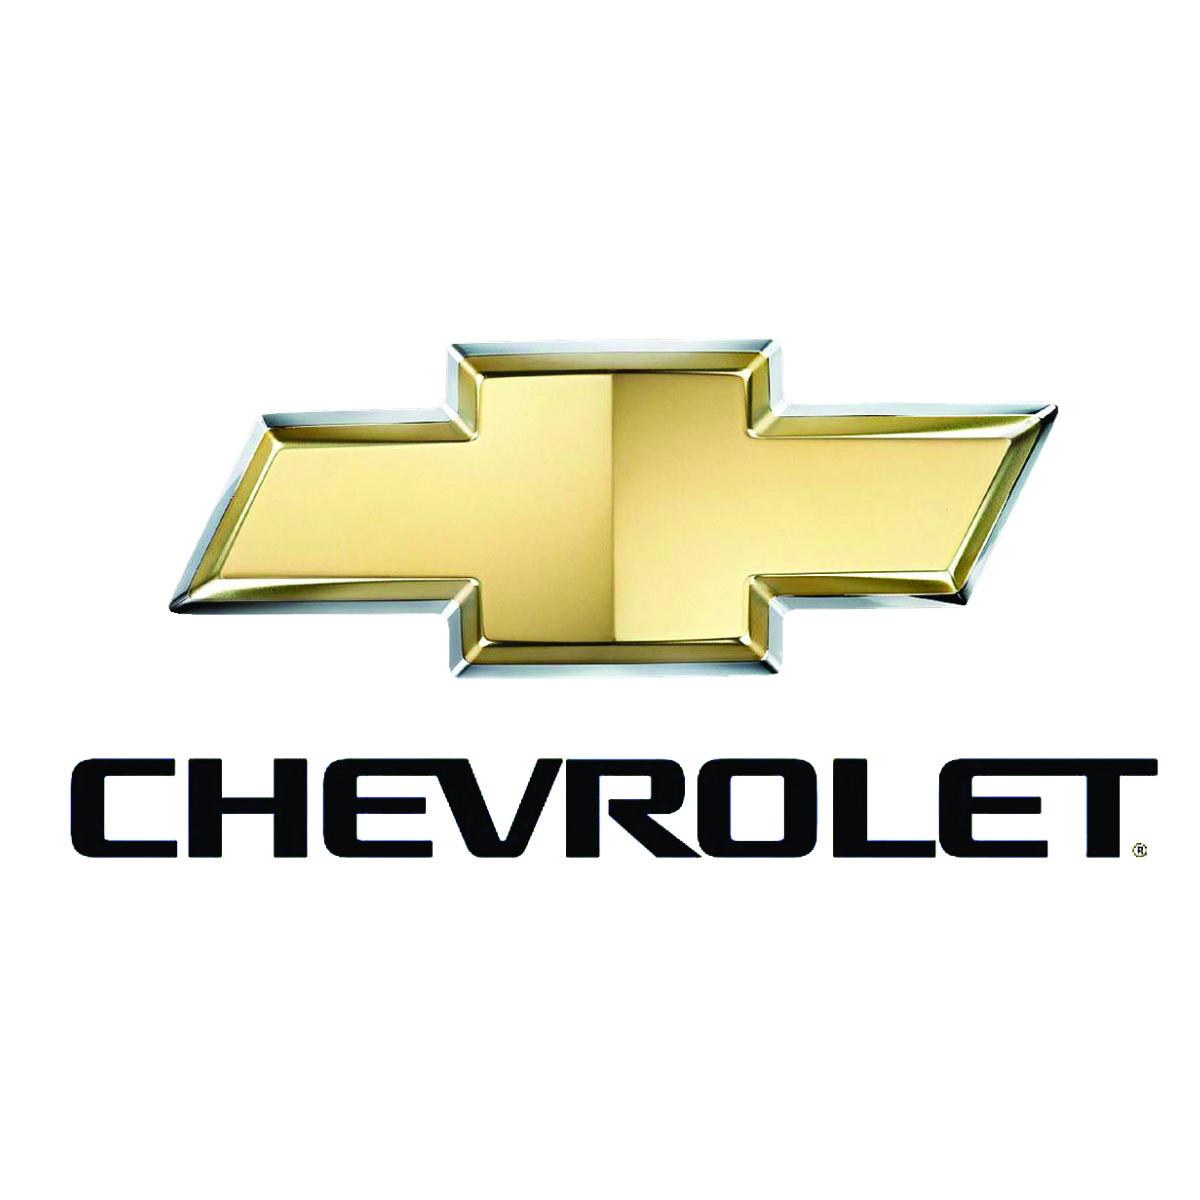 https://promotionplusinc.com/wp-content/uploads/2019/04/Chevy.jpg